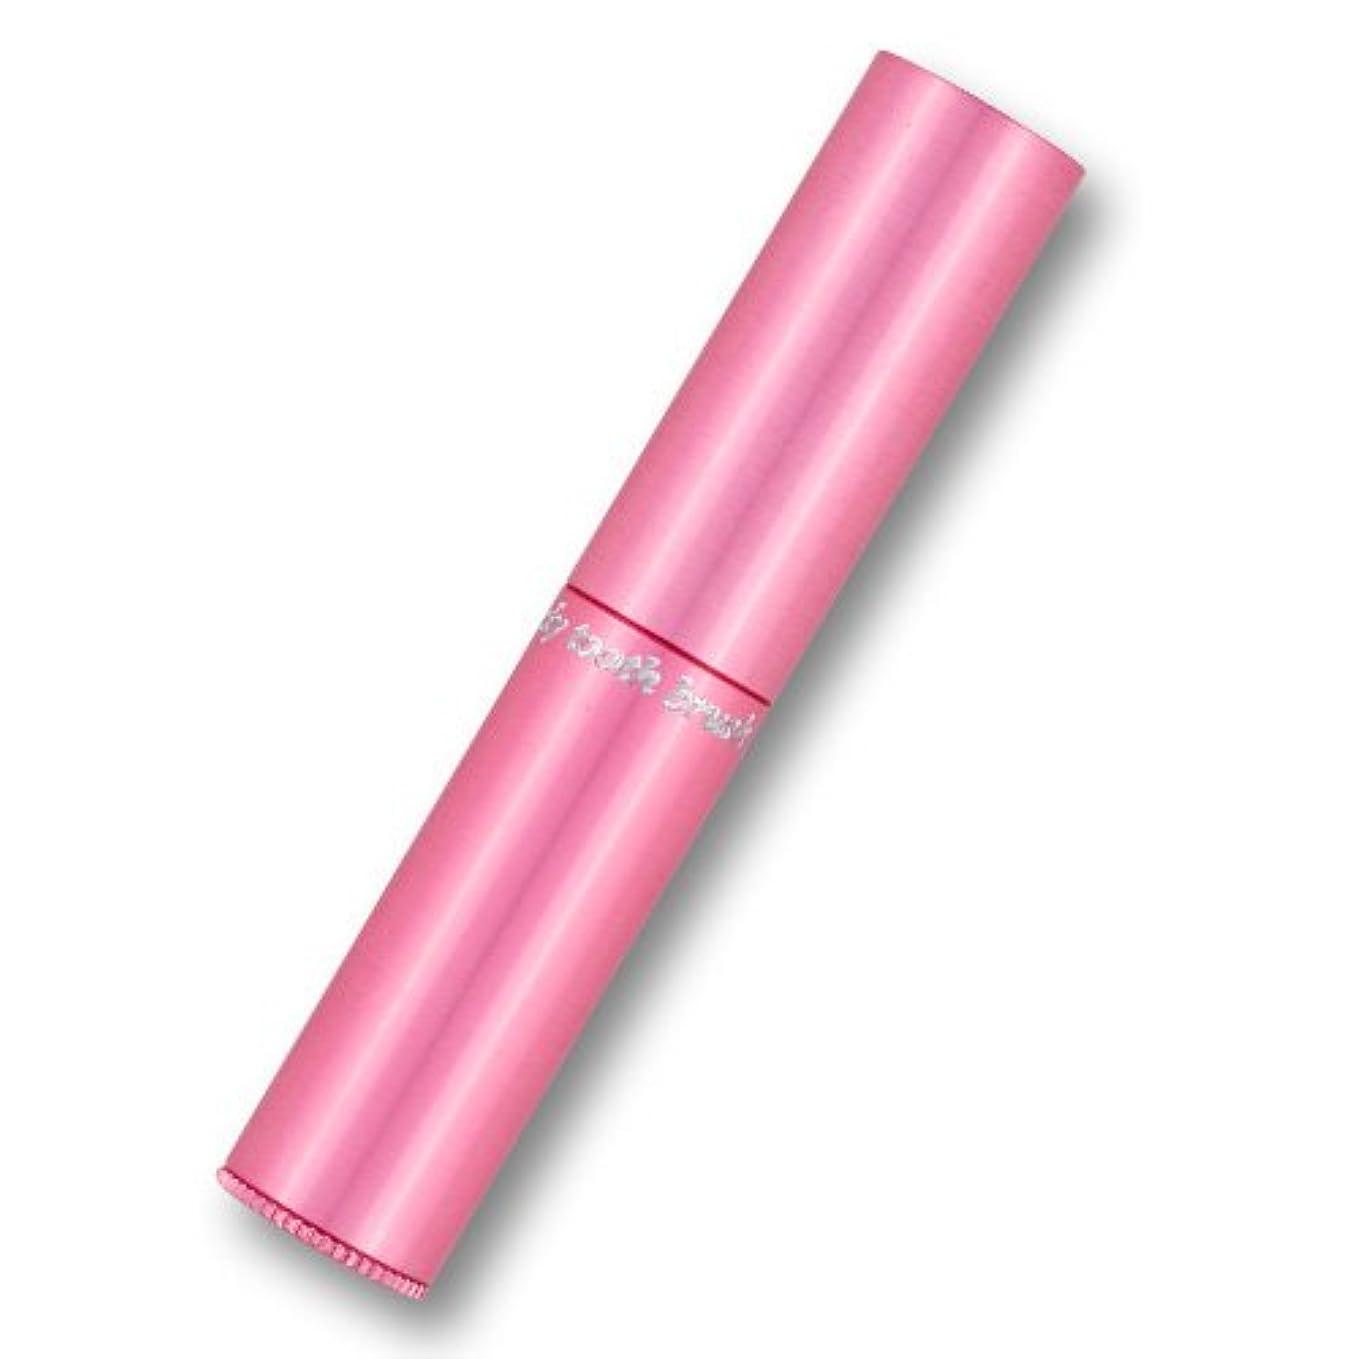 効率的に対応する底携帯歯ブラシ?タベタラmigaCO(ピンク)